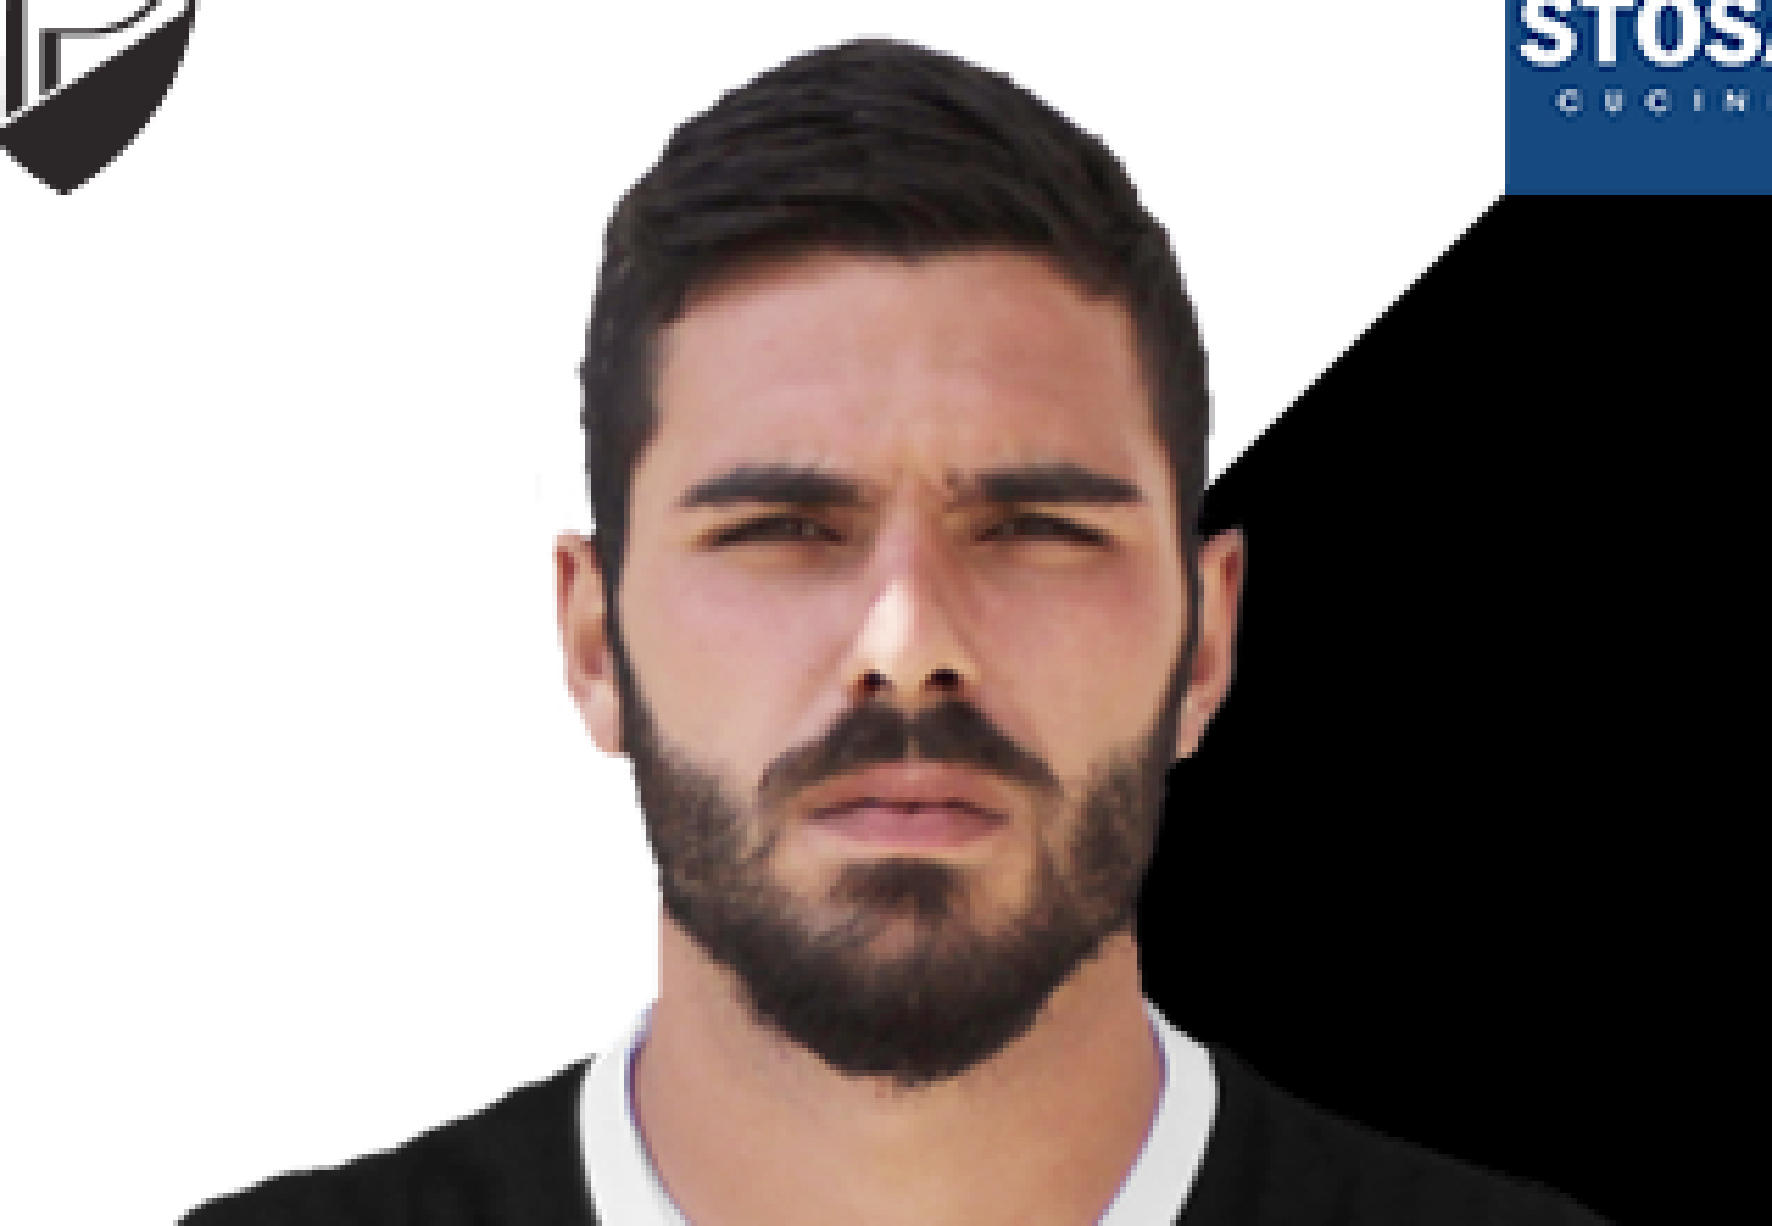 Serie D, Girone E marcatori dopo la diciottesima giornata